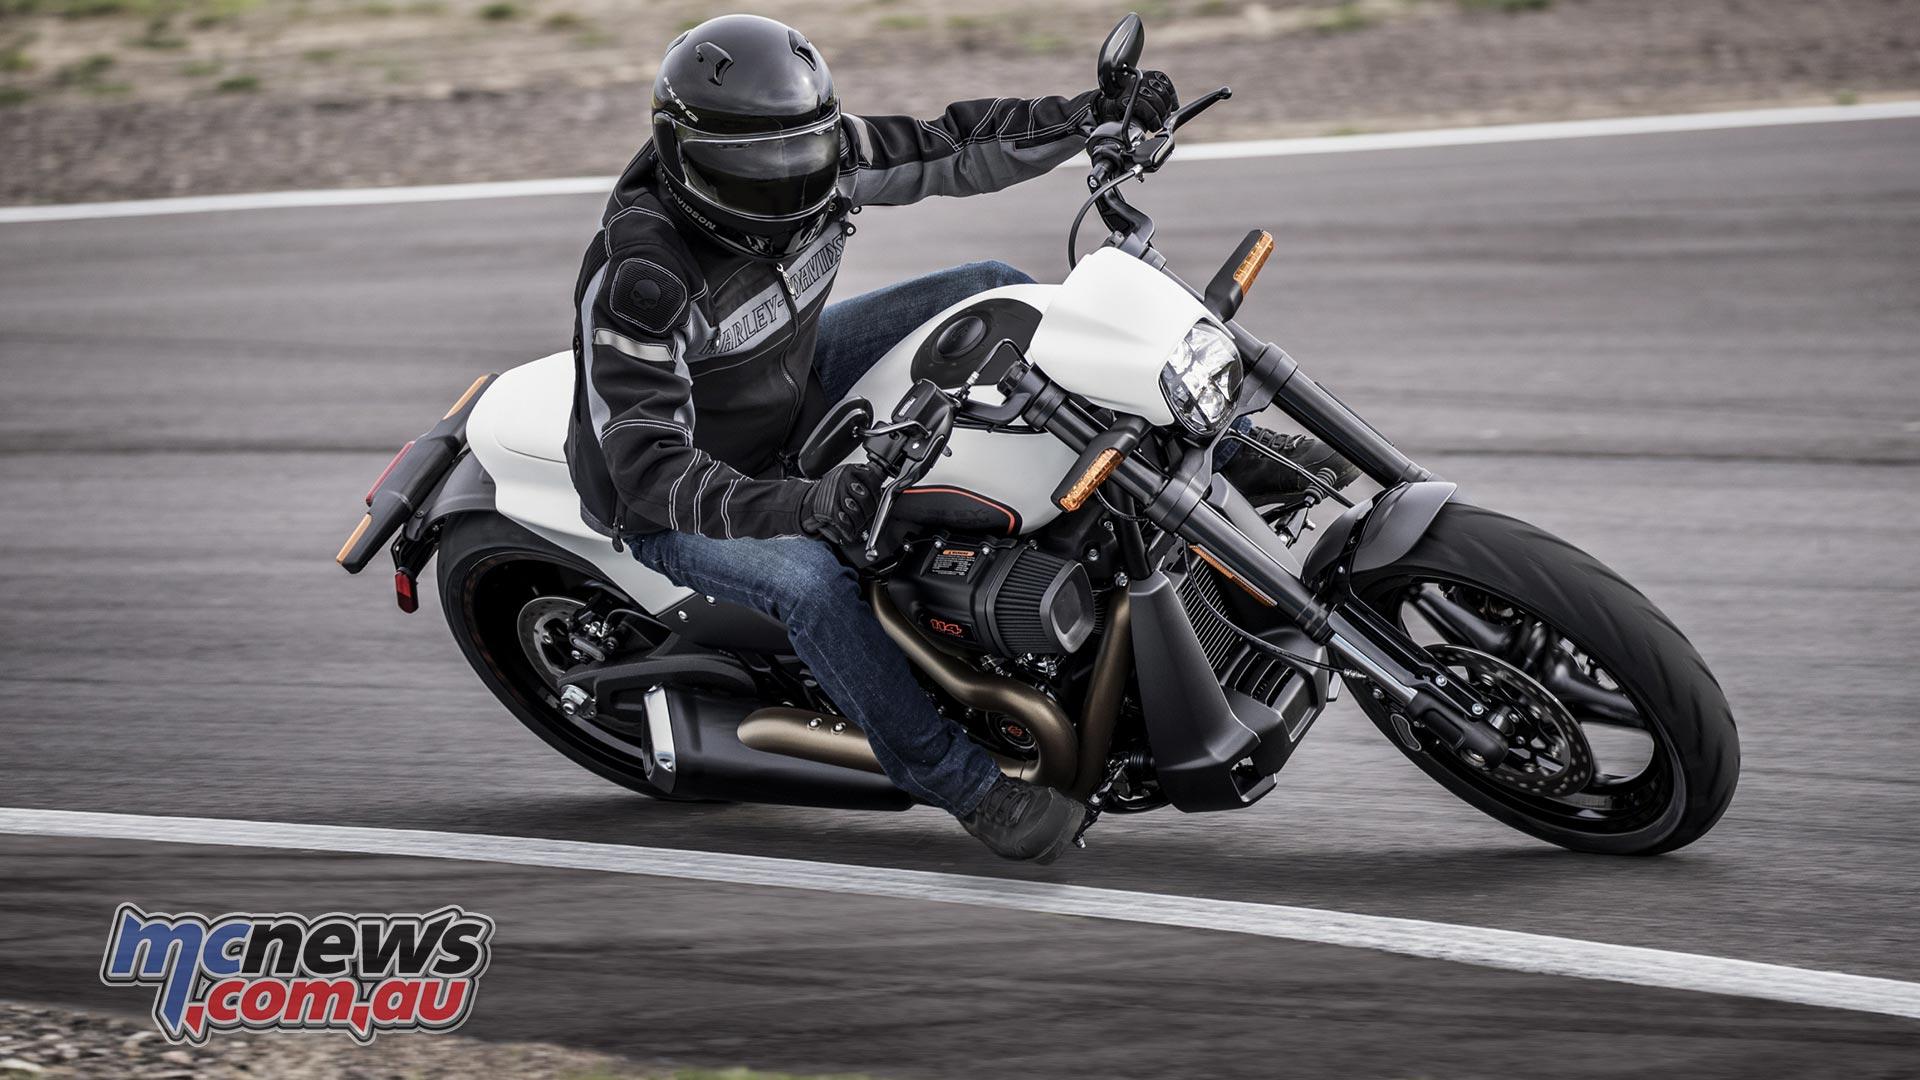 Harley-Davidson FXDR 114 Power Cruiser